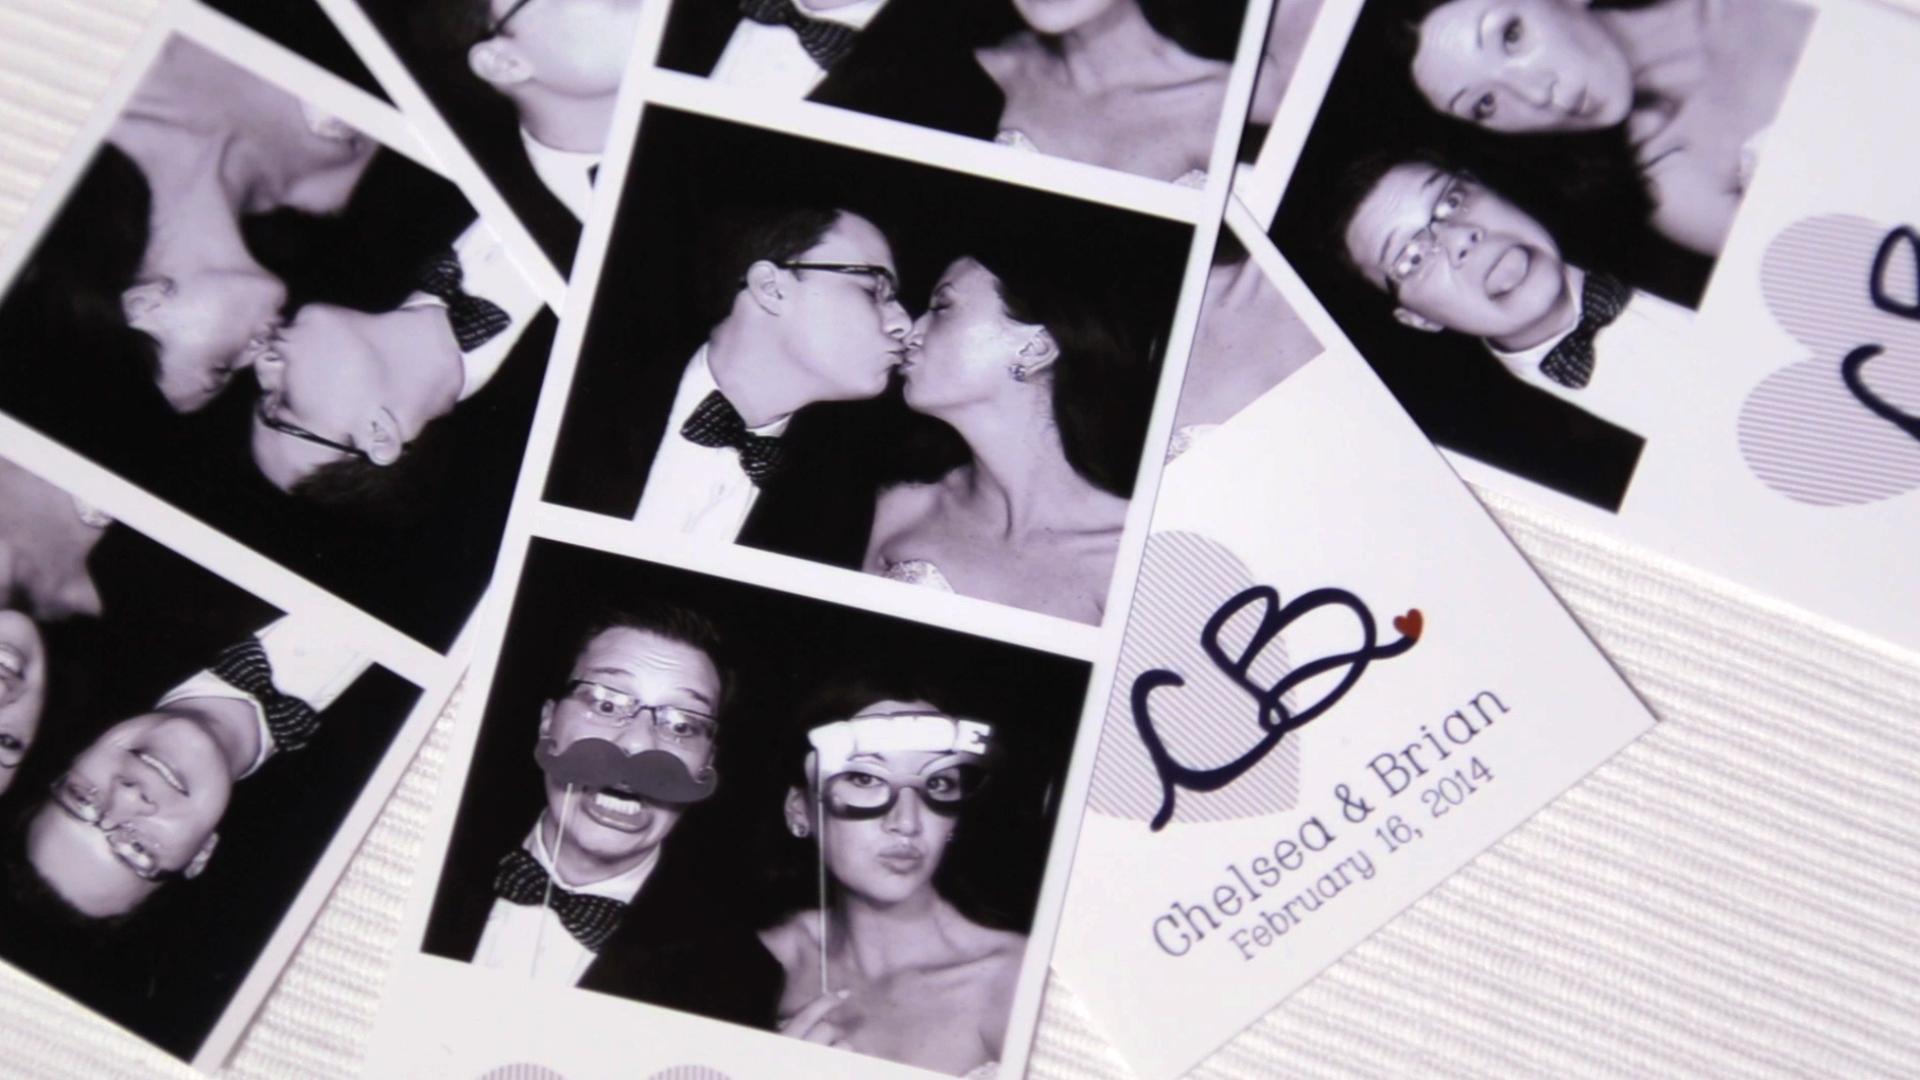 chelseabrian-photoboothpics.jpg